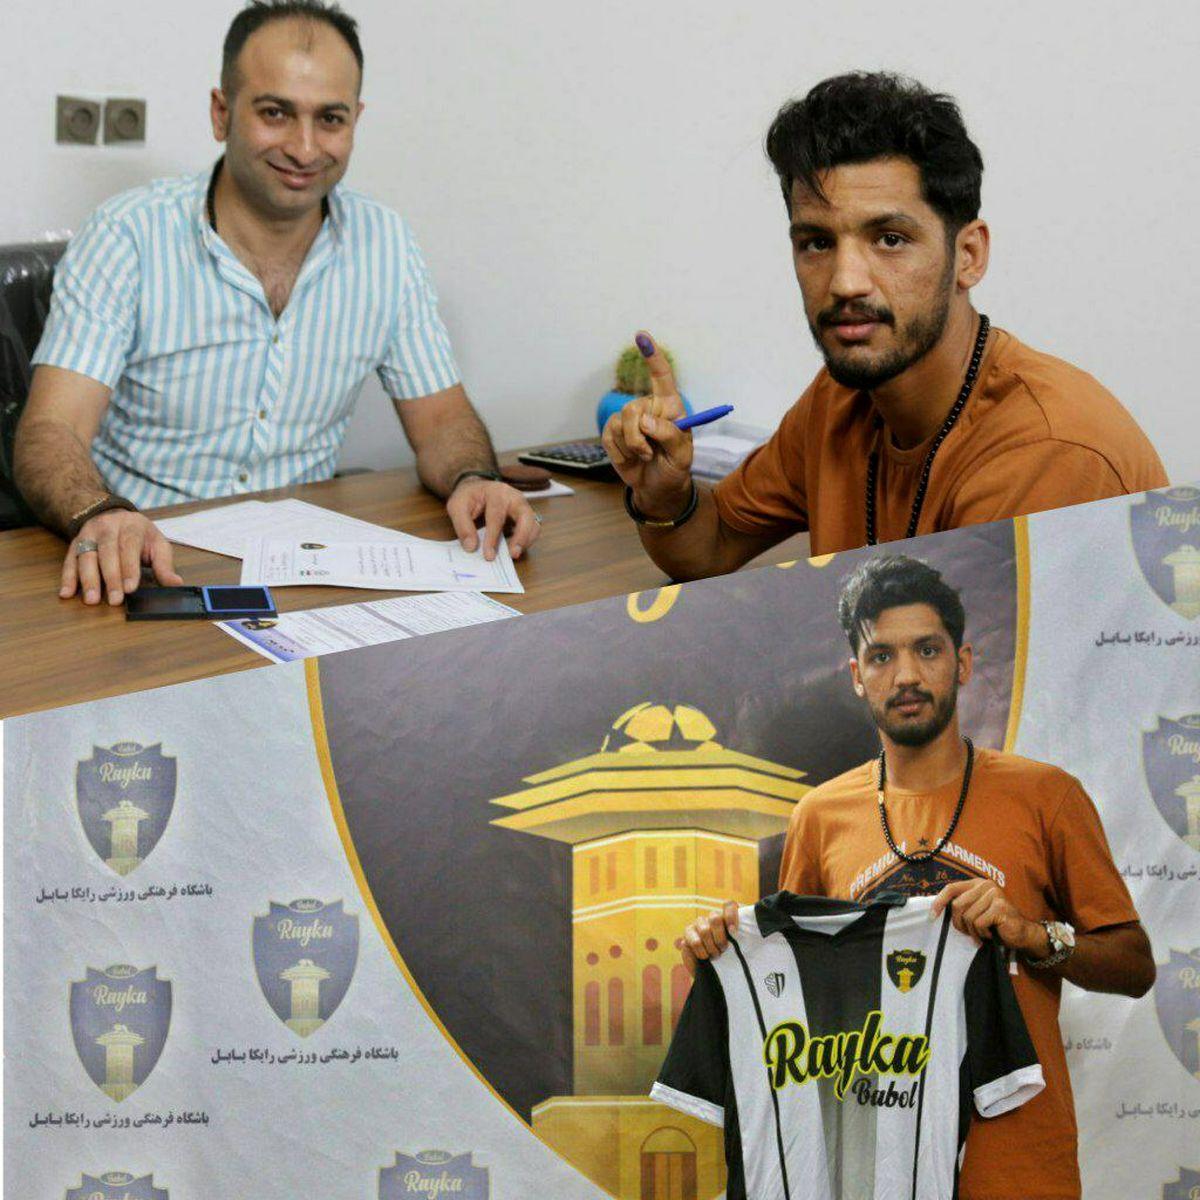 محمد جواد محمدی در یک روز با دو تیم قرارداد امضا کرد!